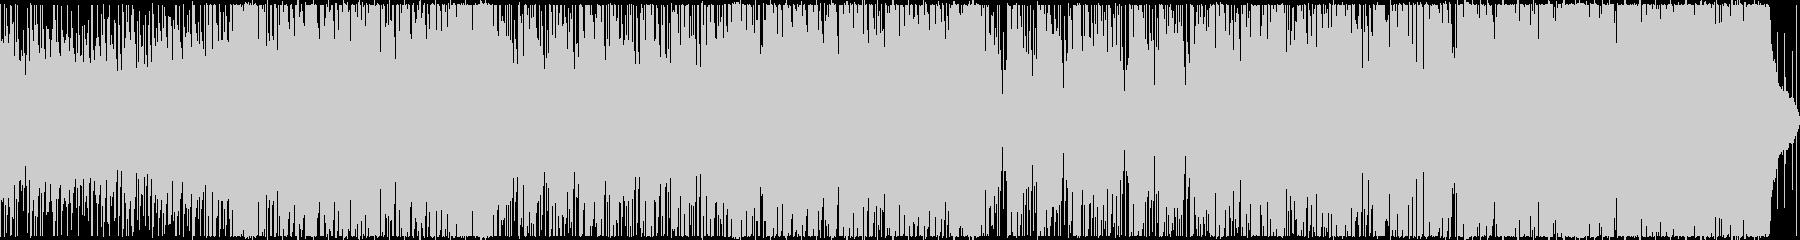 洋風・オシャレで少し情熱的なアコギBGMの未再生の波形